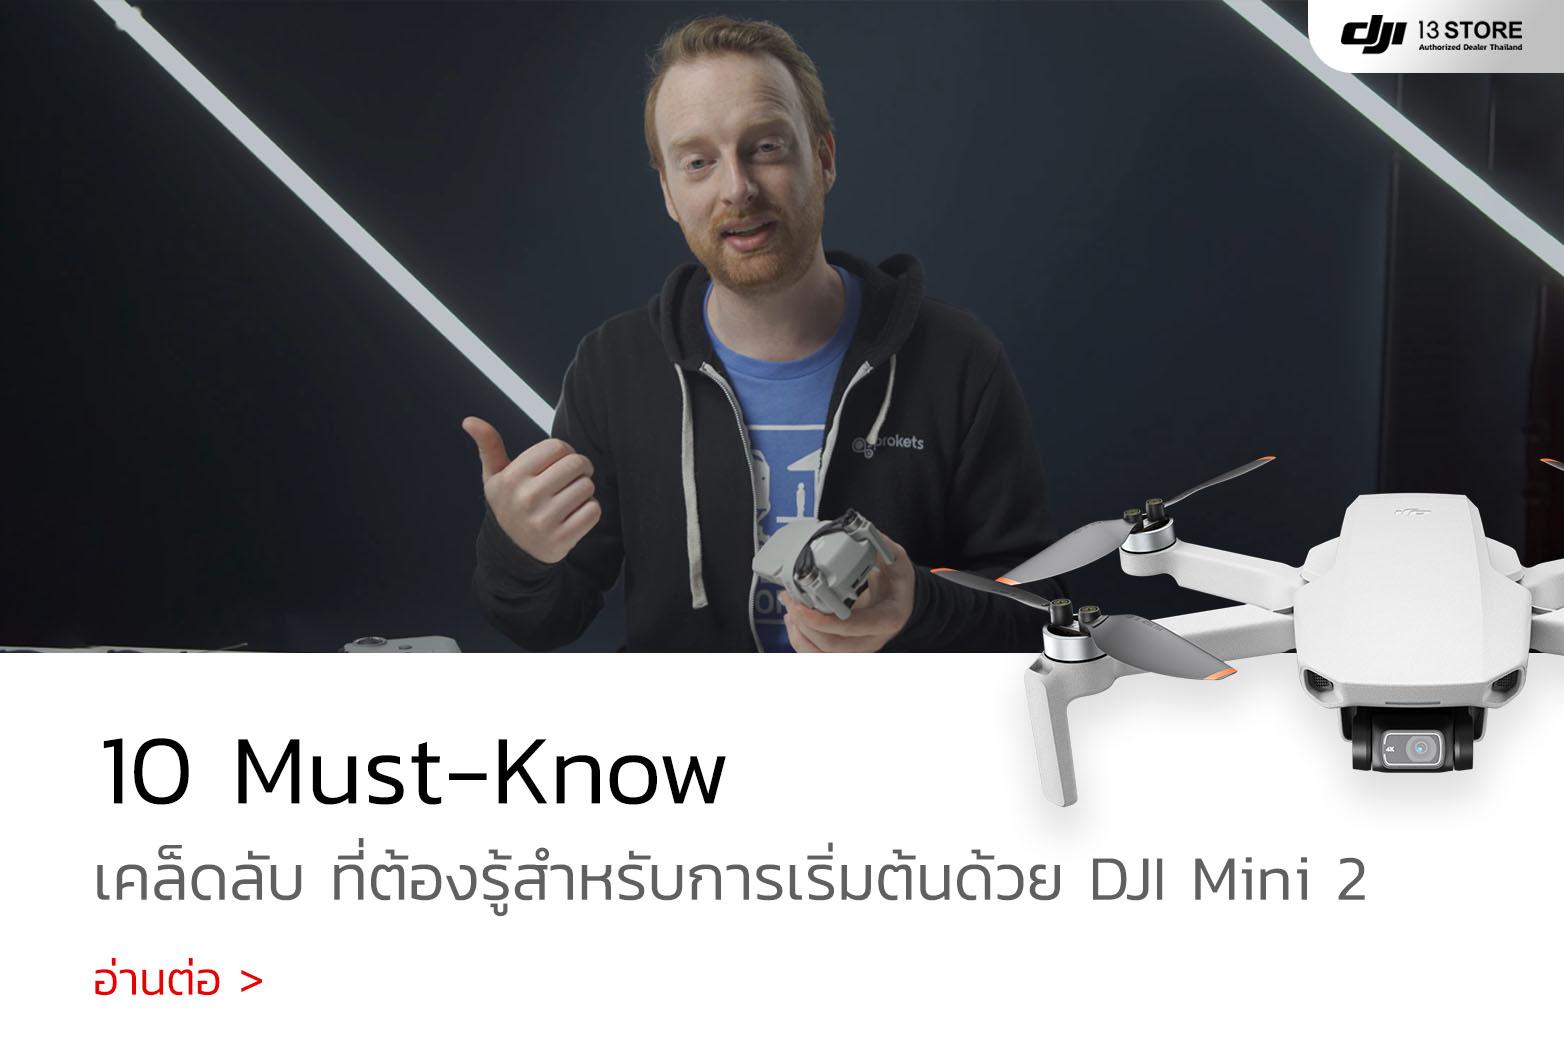 เคล็ดลับ ที่ต้องรู้สำหรับการเริ่มต้นด้วย DJI Mini 2